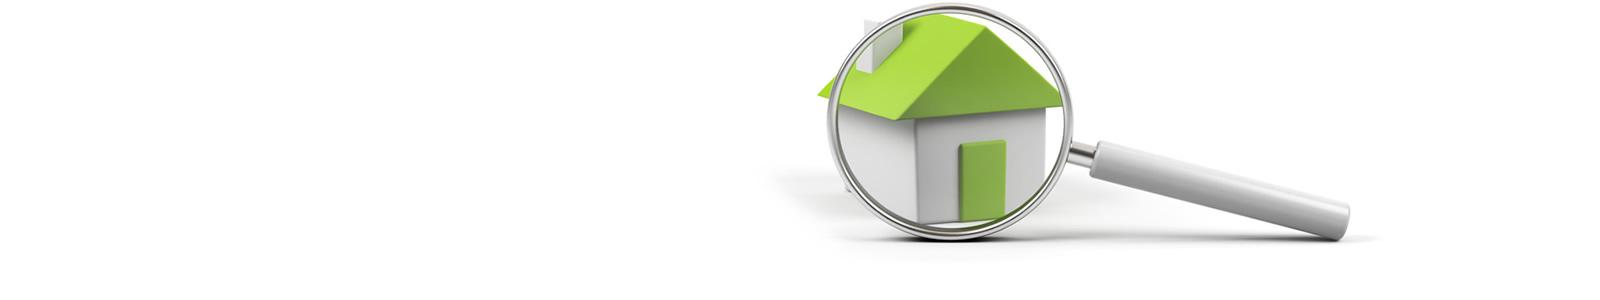 Bauüberwachung: Baumängel, Rechte kennen und durchsetzen